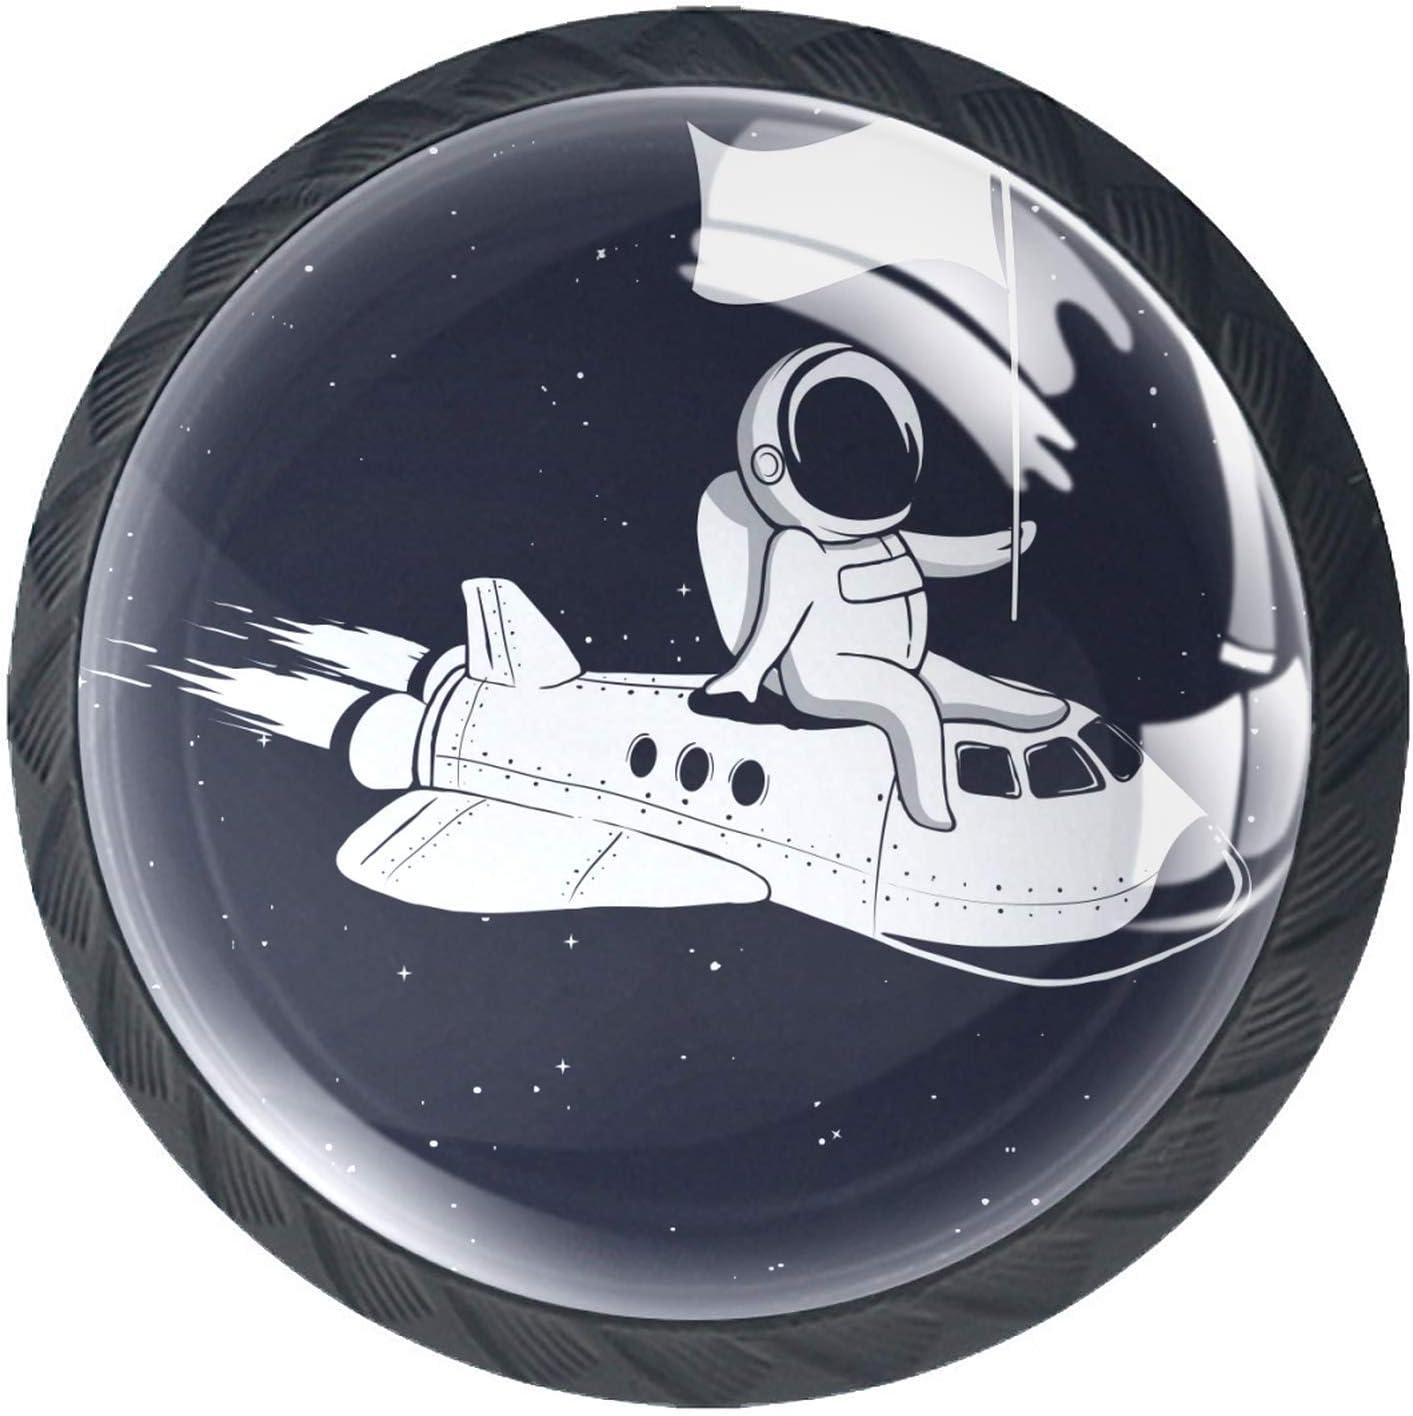 Door Knobs Space Traveler Drawer Philadelphia Mall New item Lovely Rocket Handl